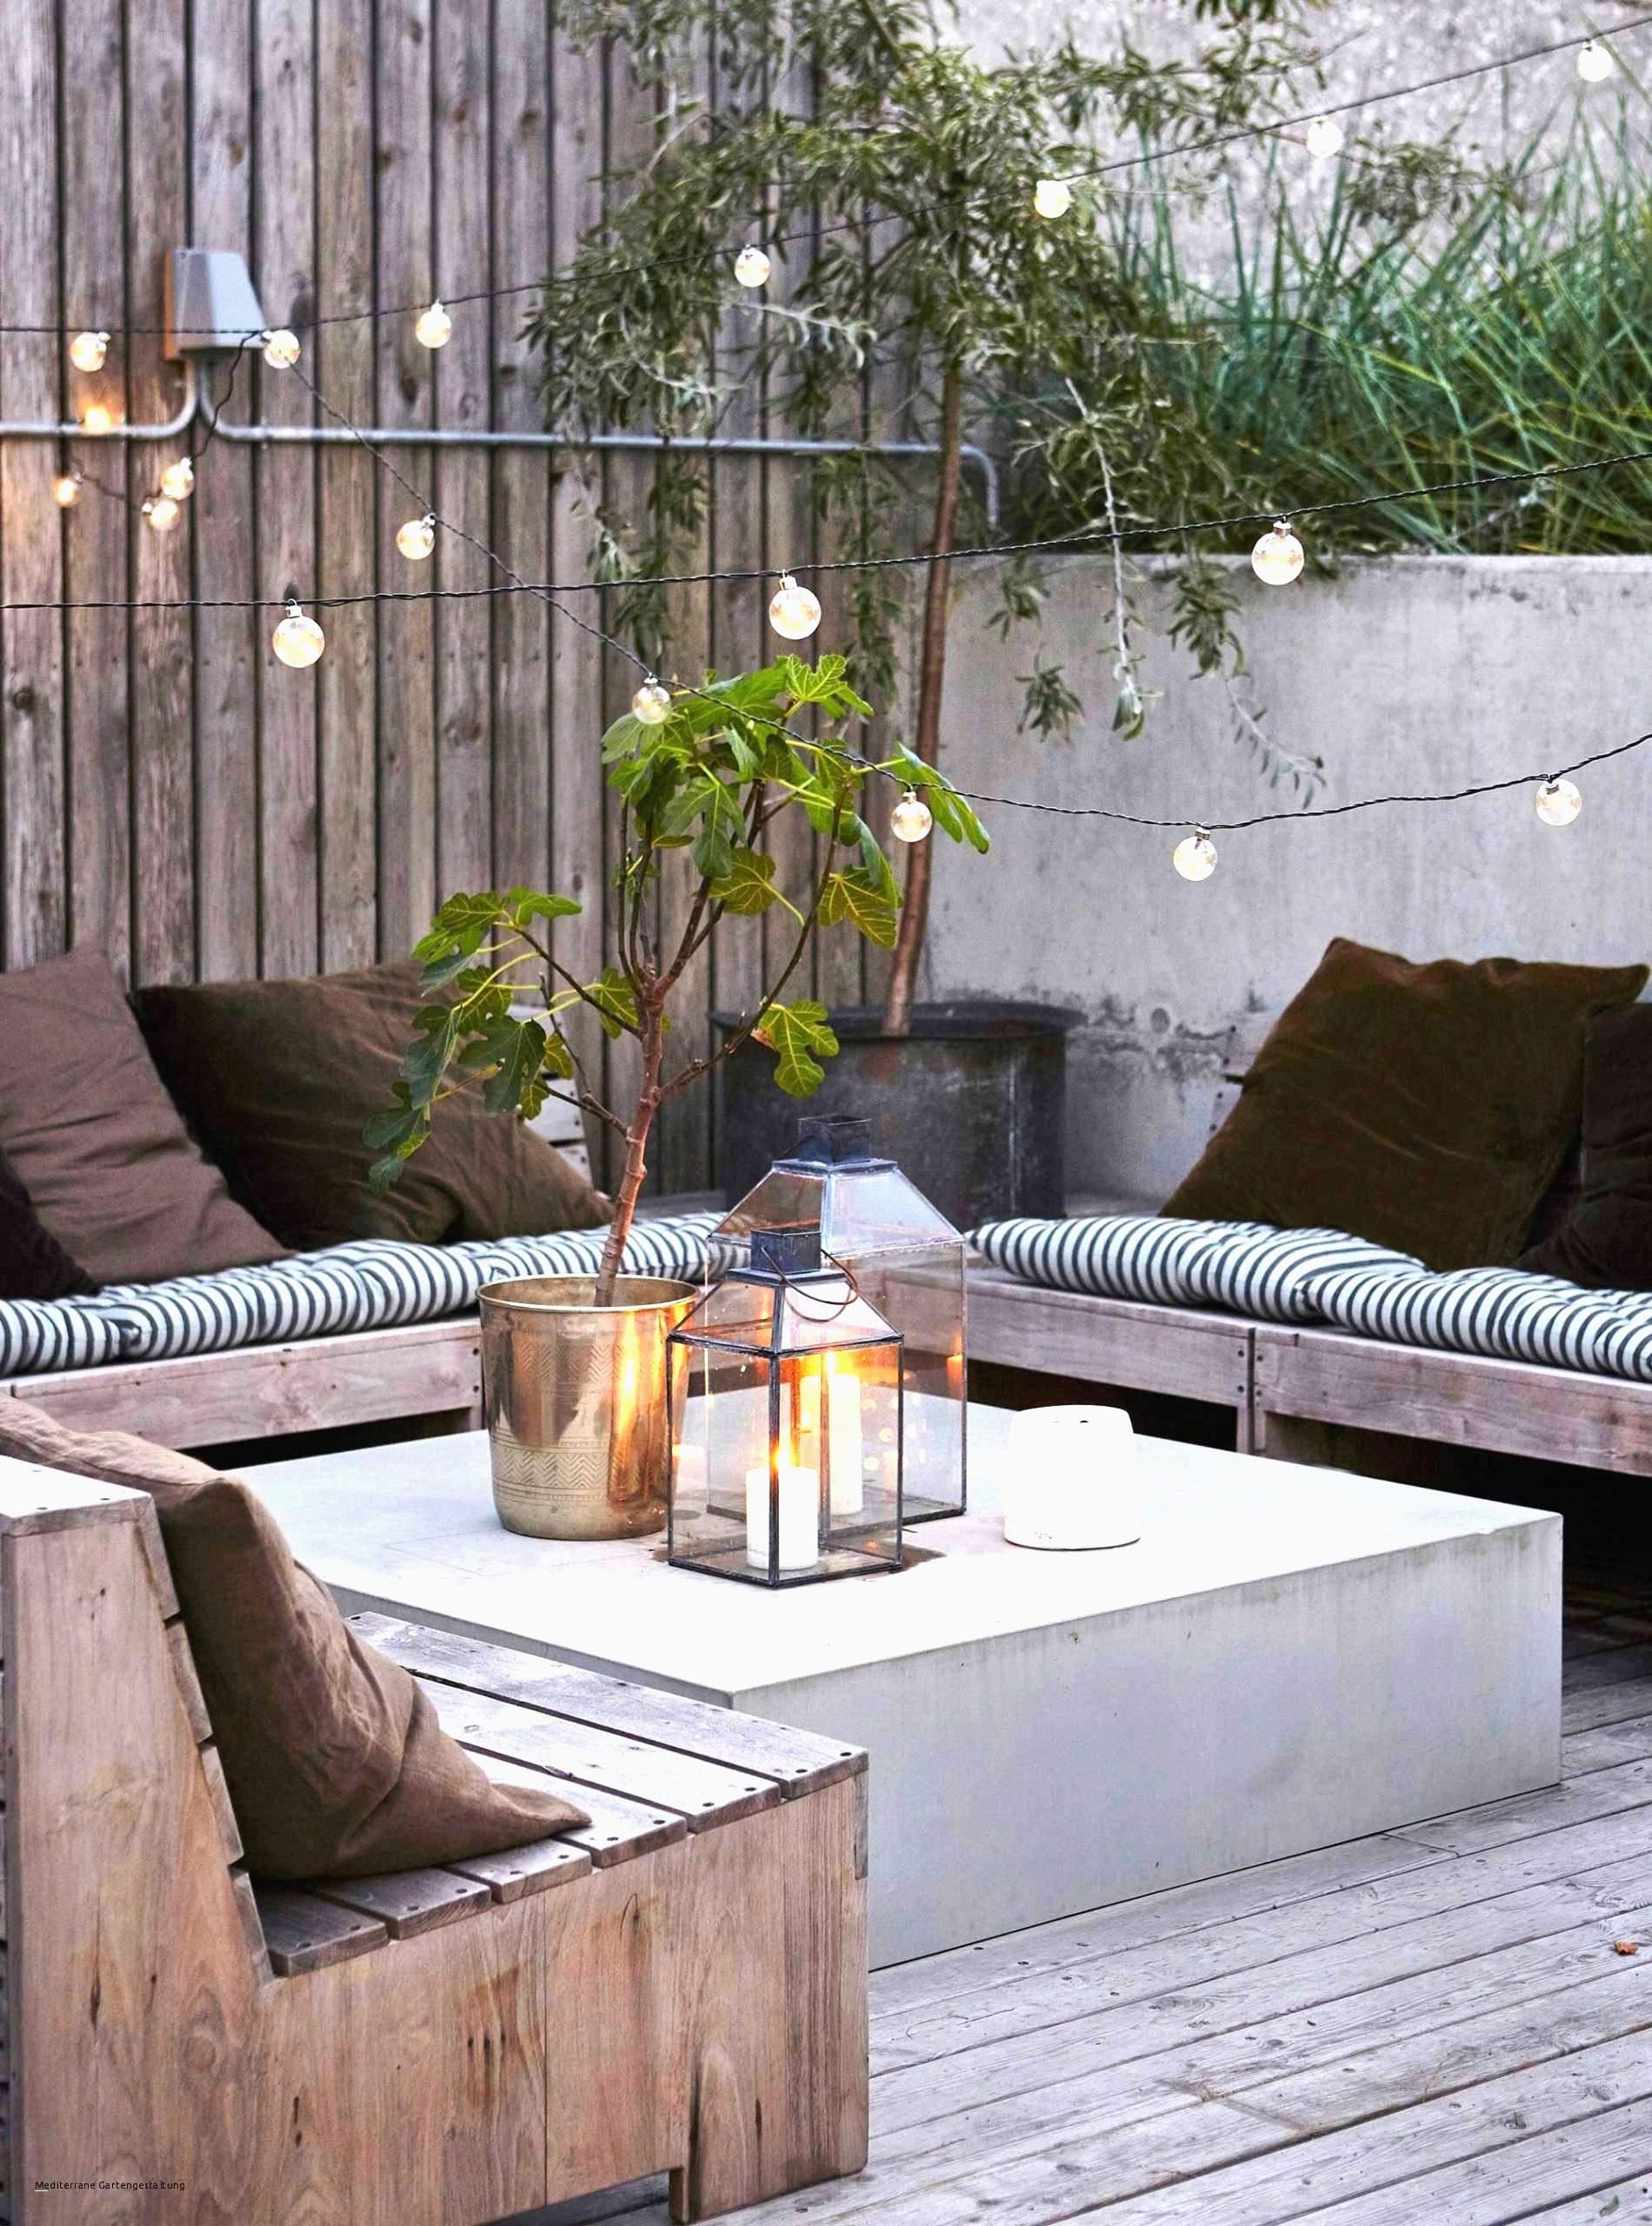 wasserbrunnen wohnzimmer inspirierend wohnzimmer brunnen ideen besten ideen ses jahr of wasserbrunnen wohnzimmer